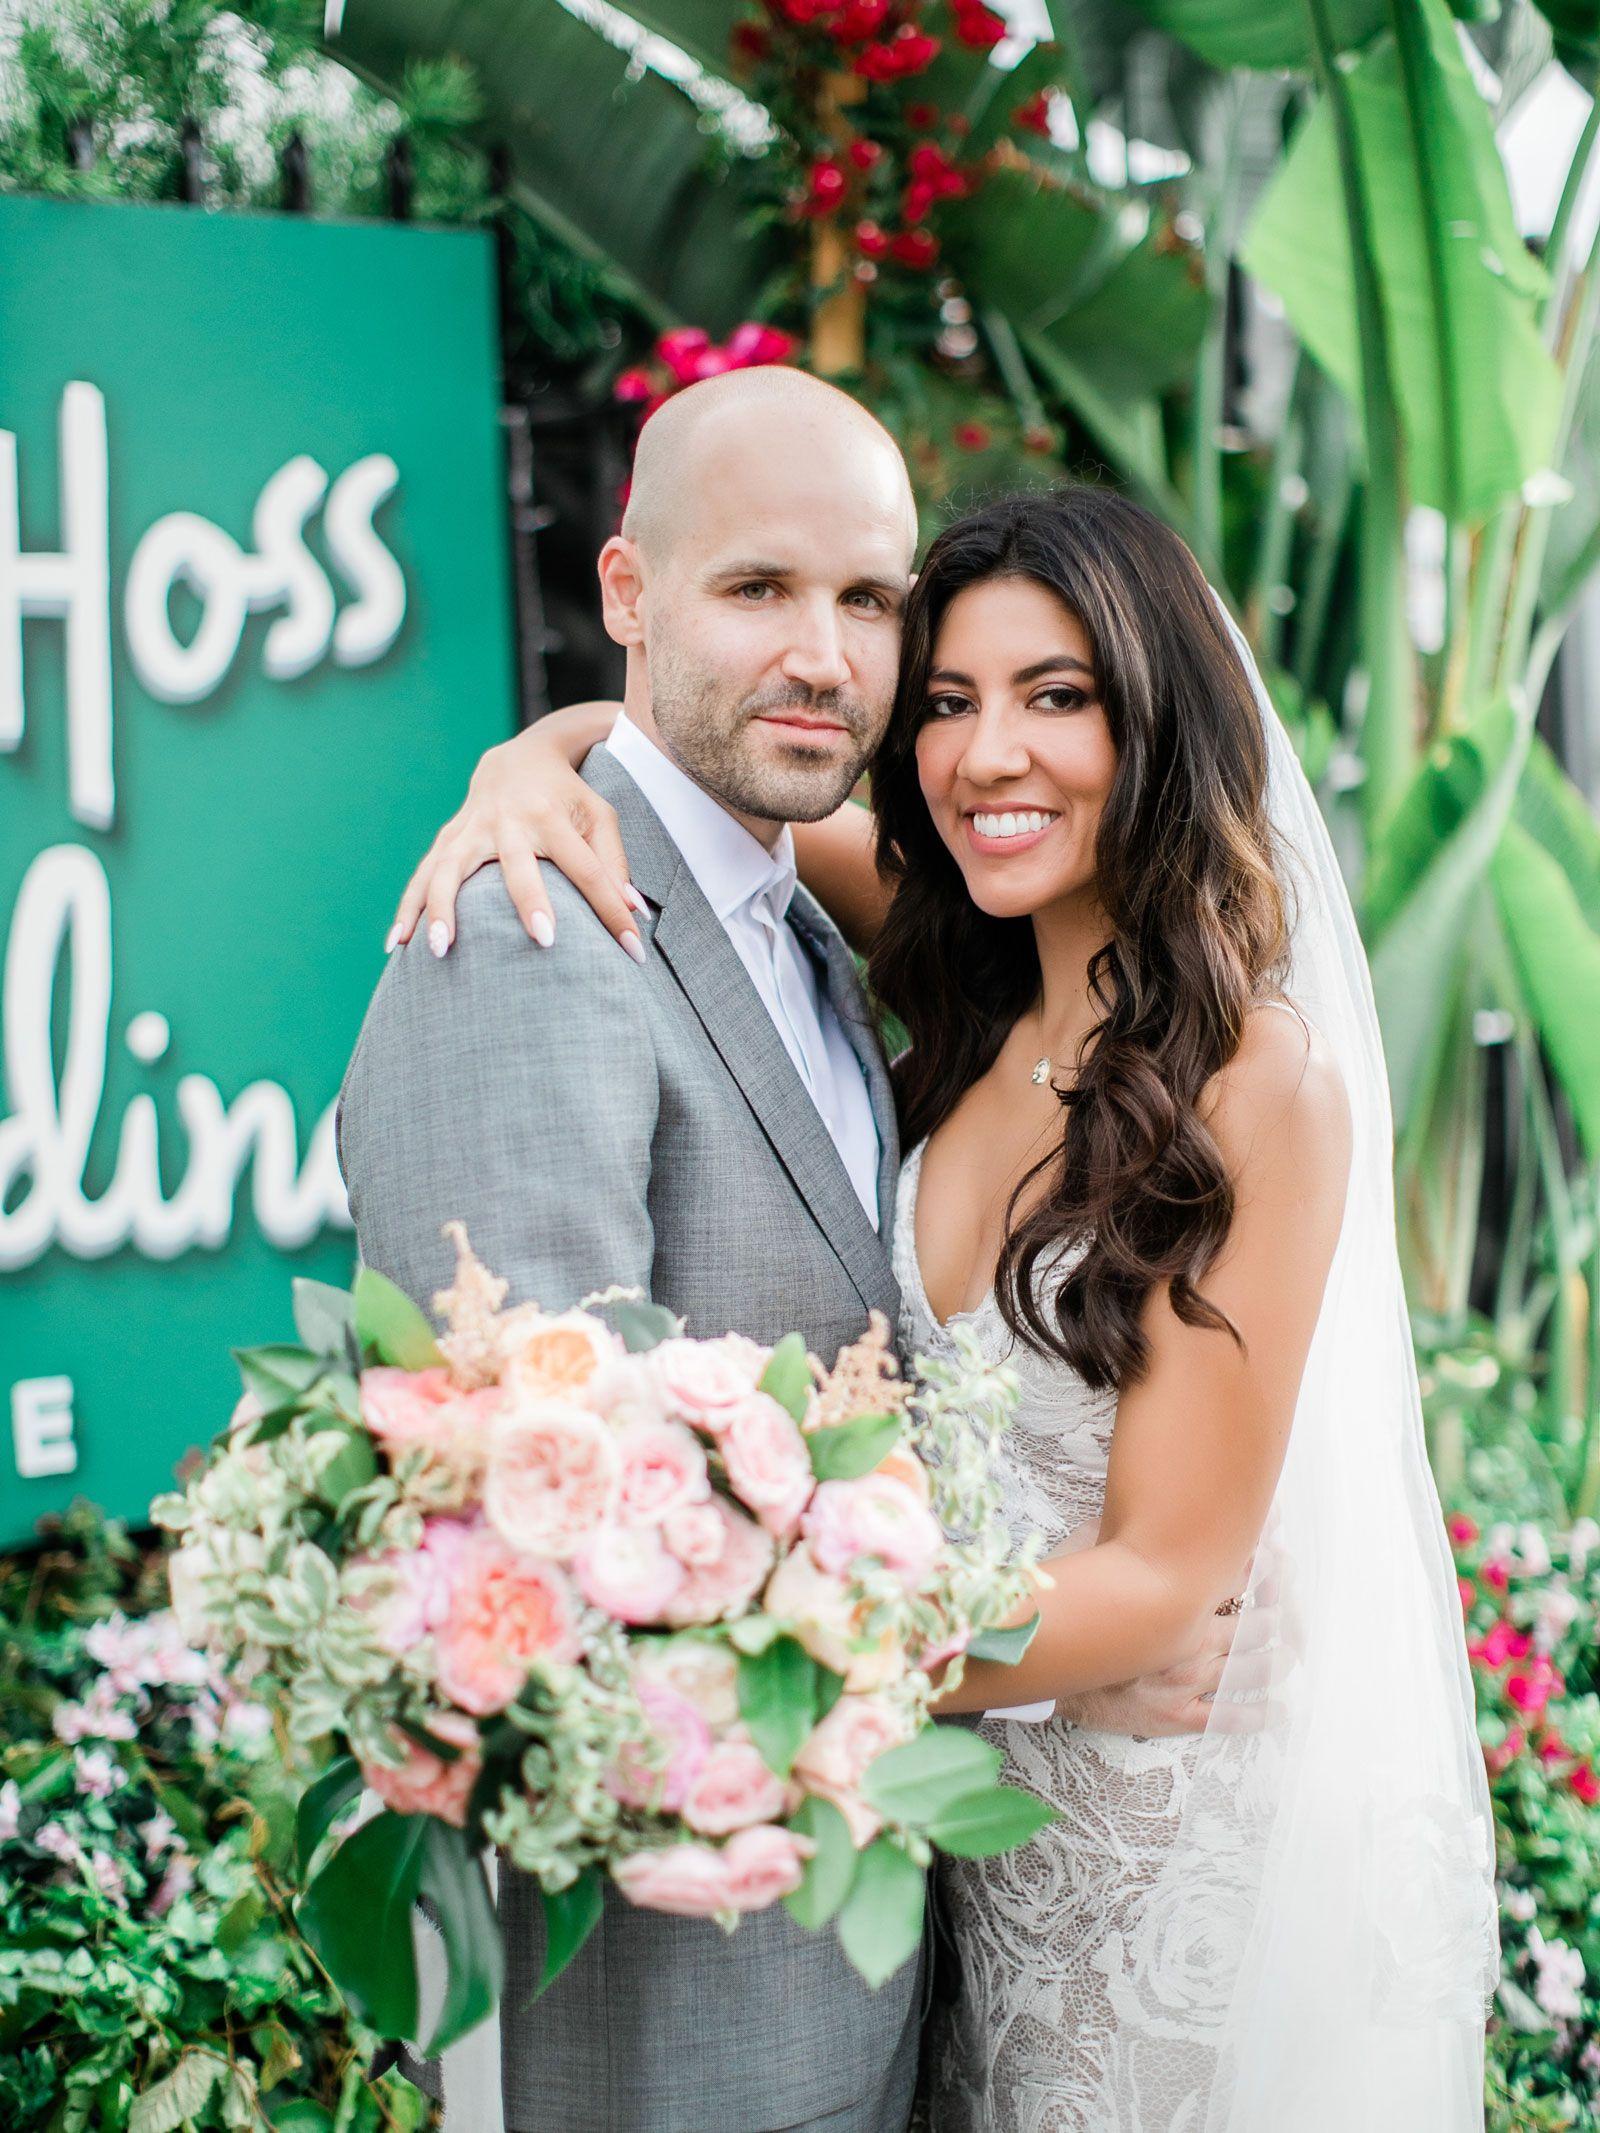 Brad Hoss Wiki, Bio, Wife, Net Worth, Wedding Details, and Wife's Sexuality